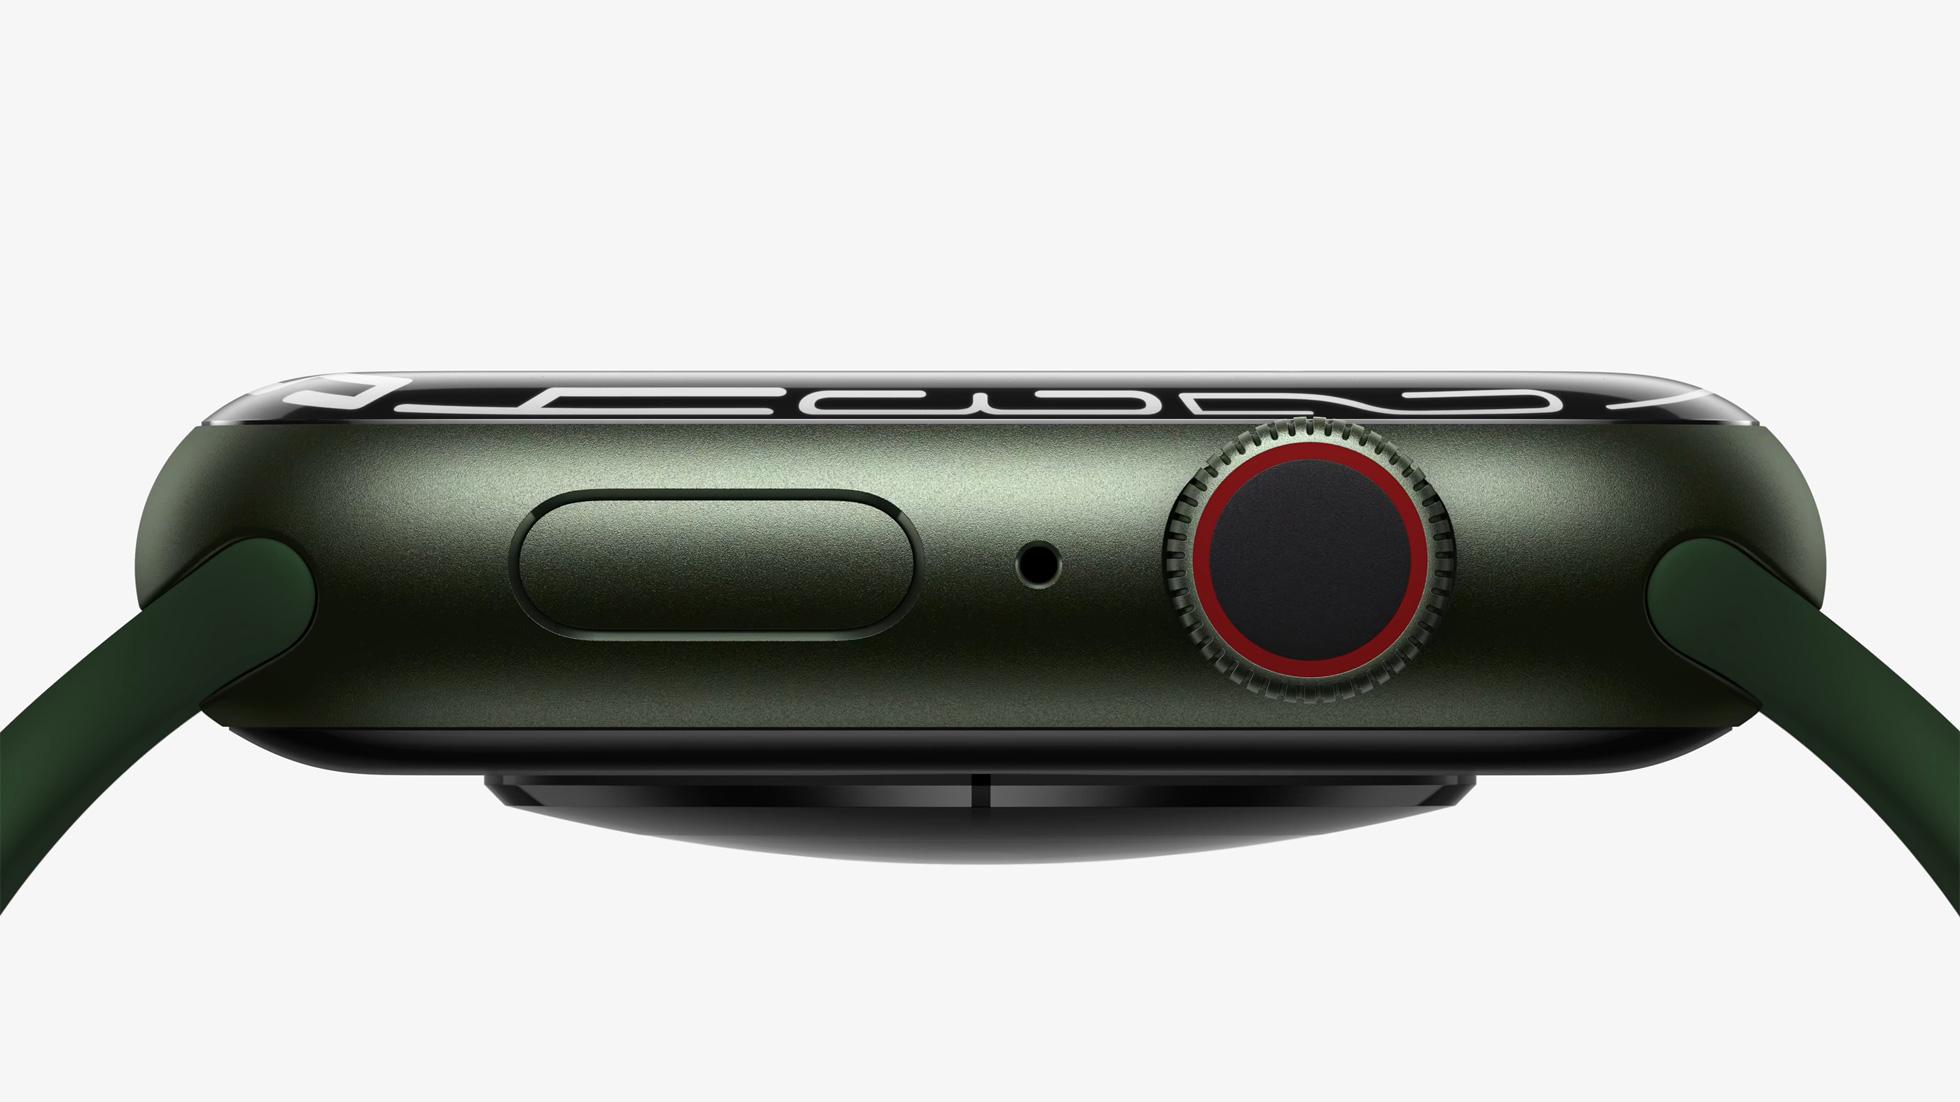 ontop.vn Apple watch series7 durability 09142021